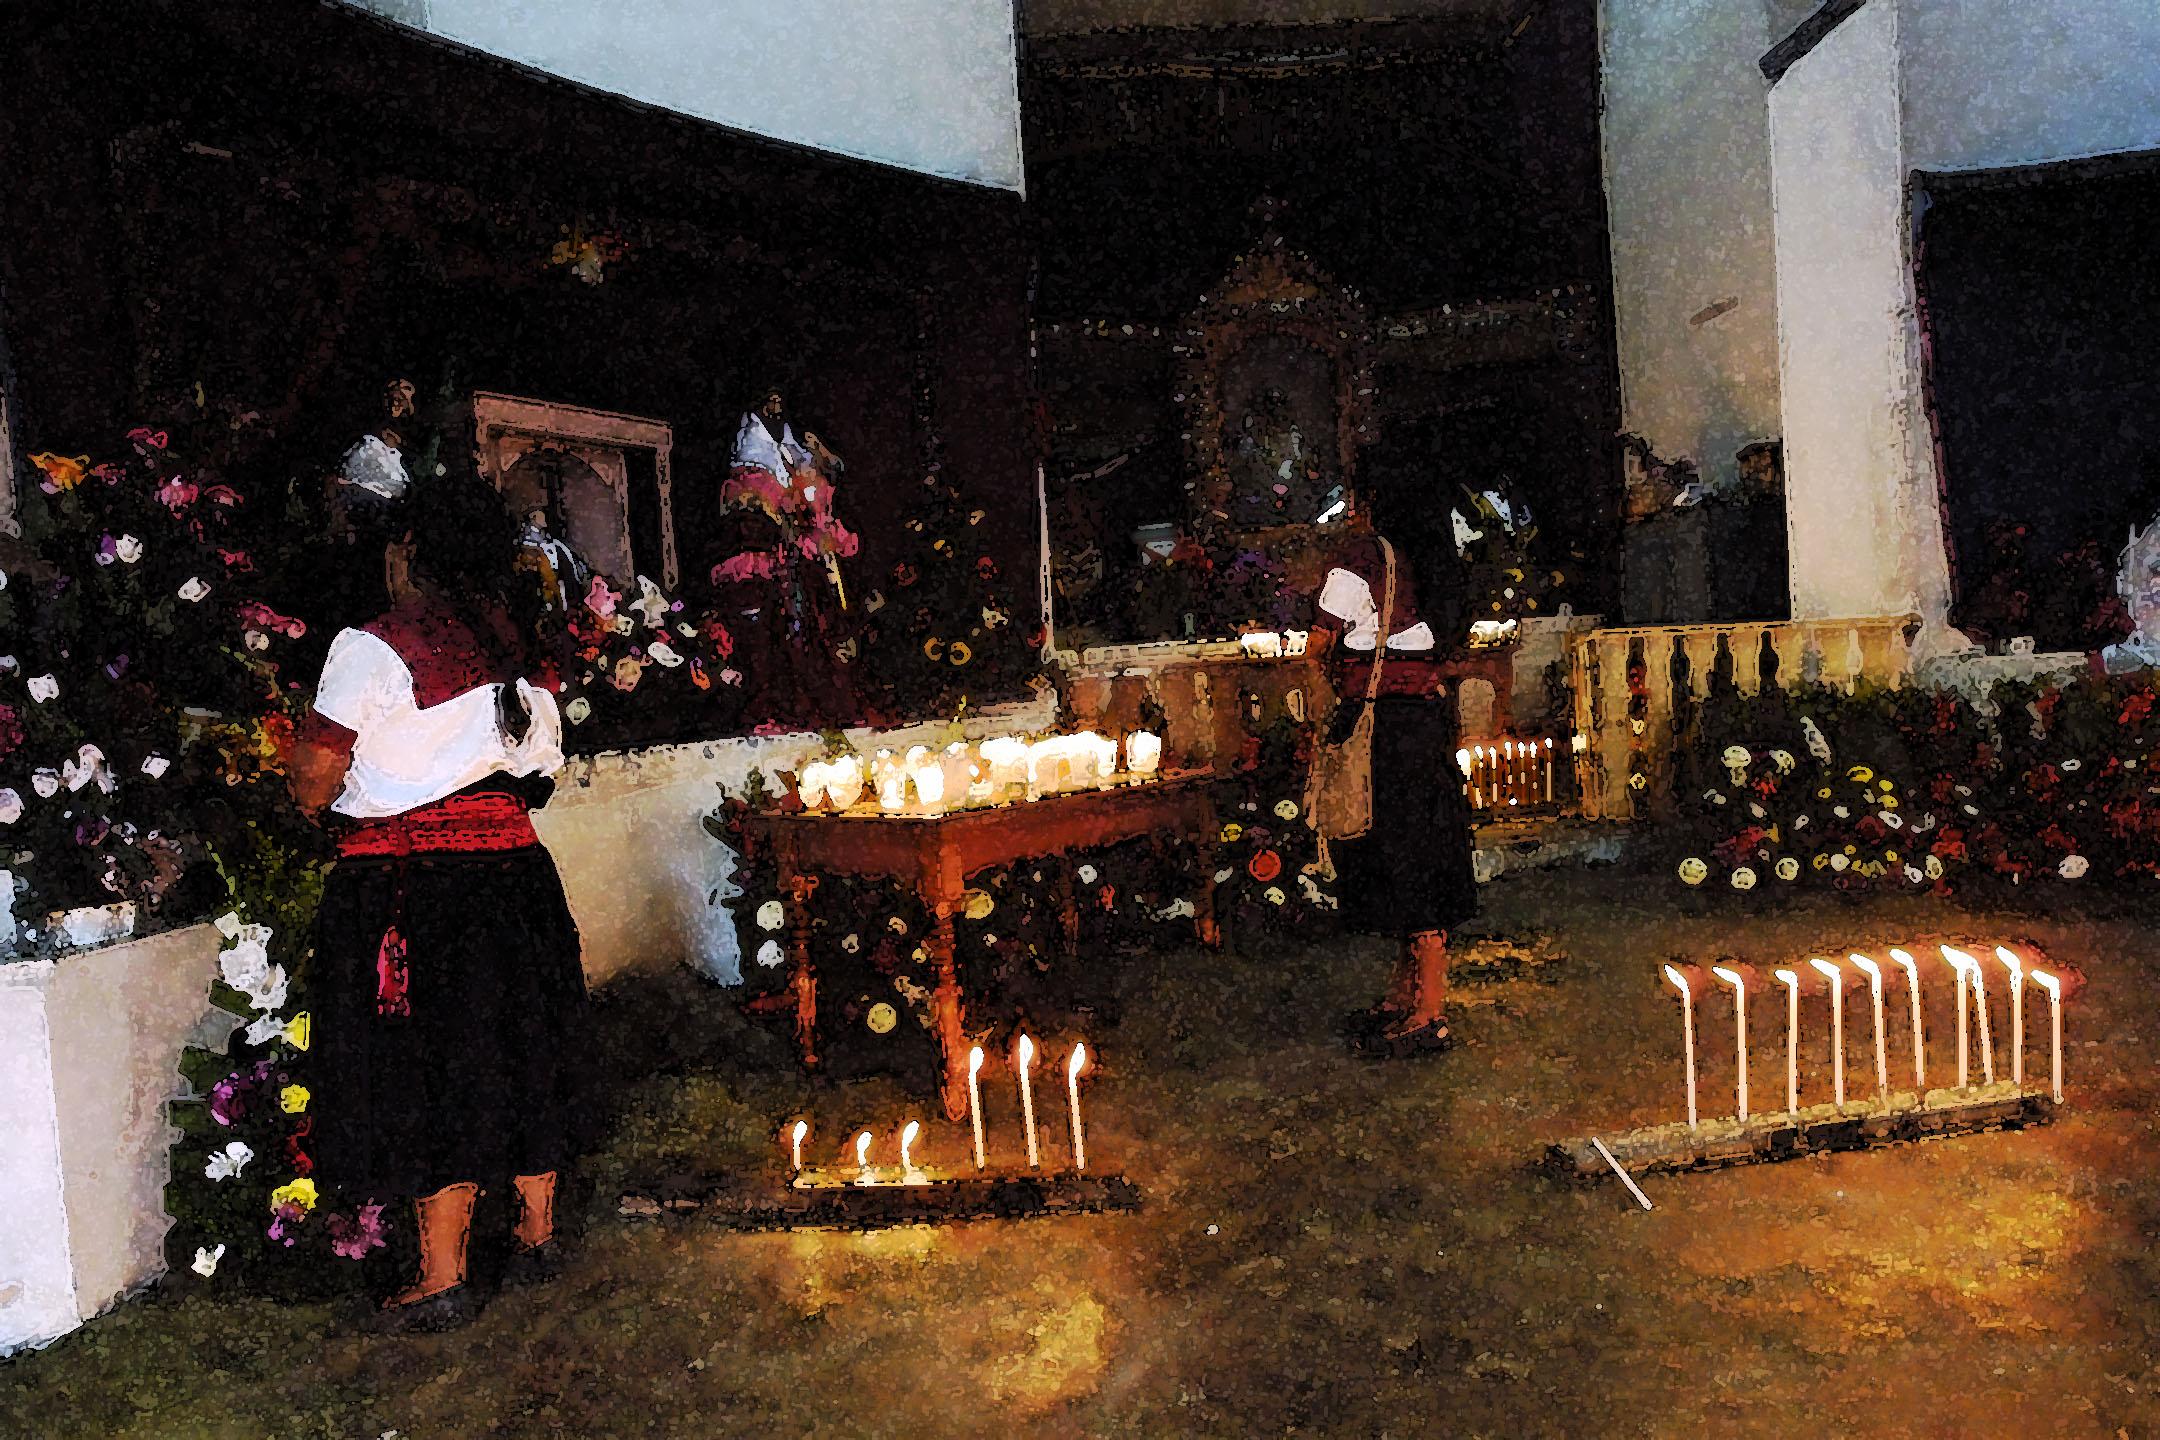 santiago El Pinar 2003